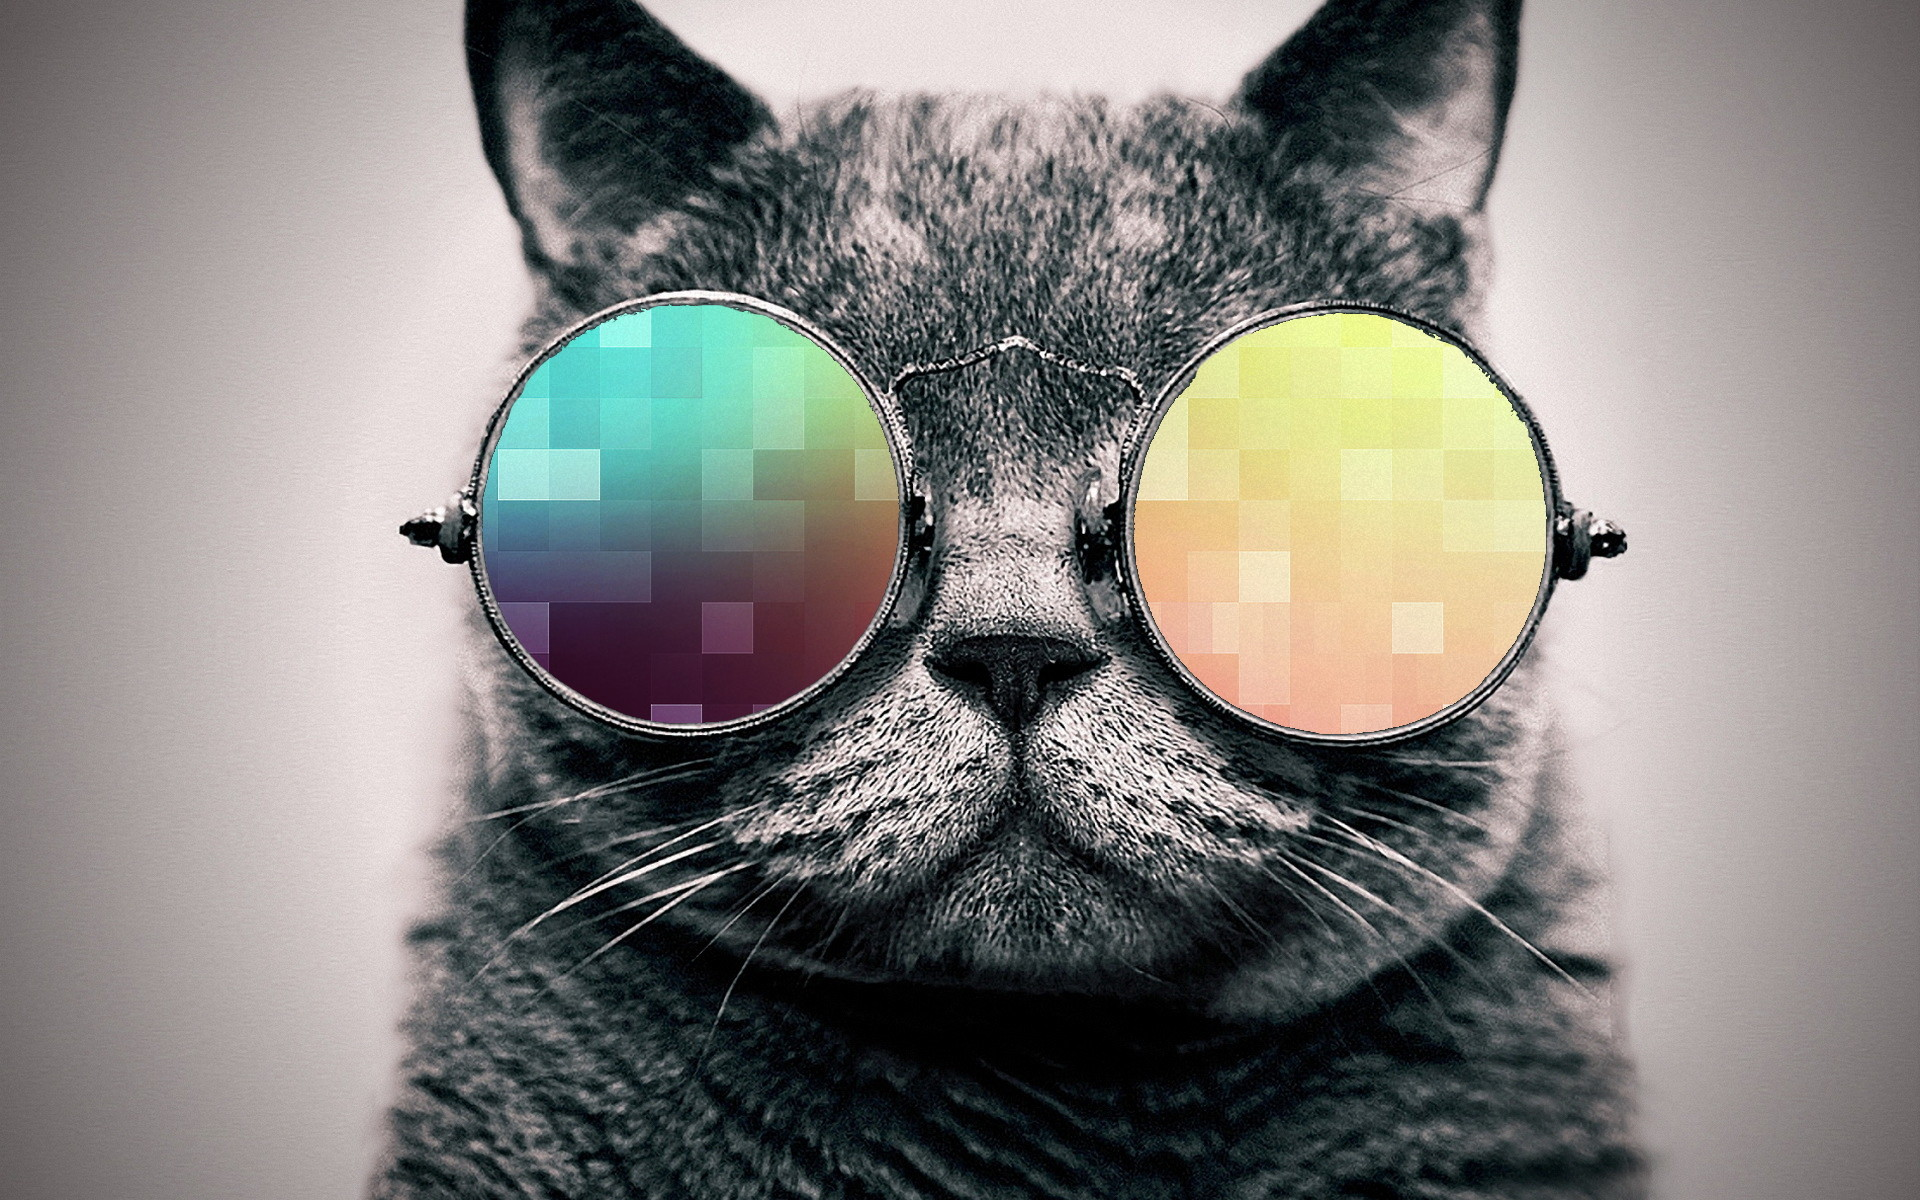 Cool Cat Wallpaper